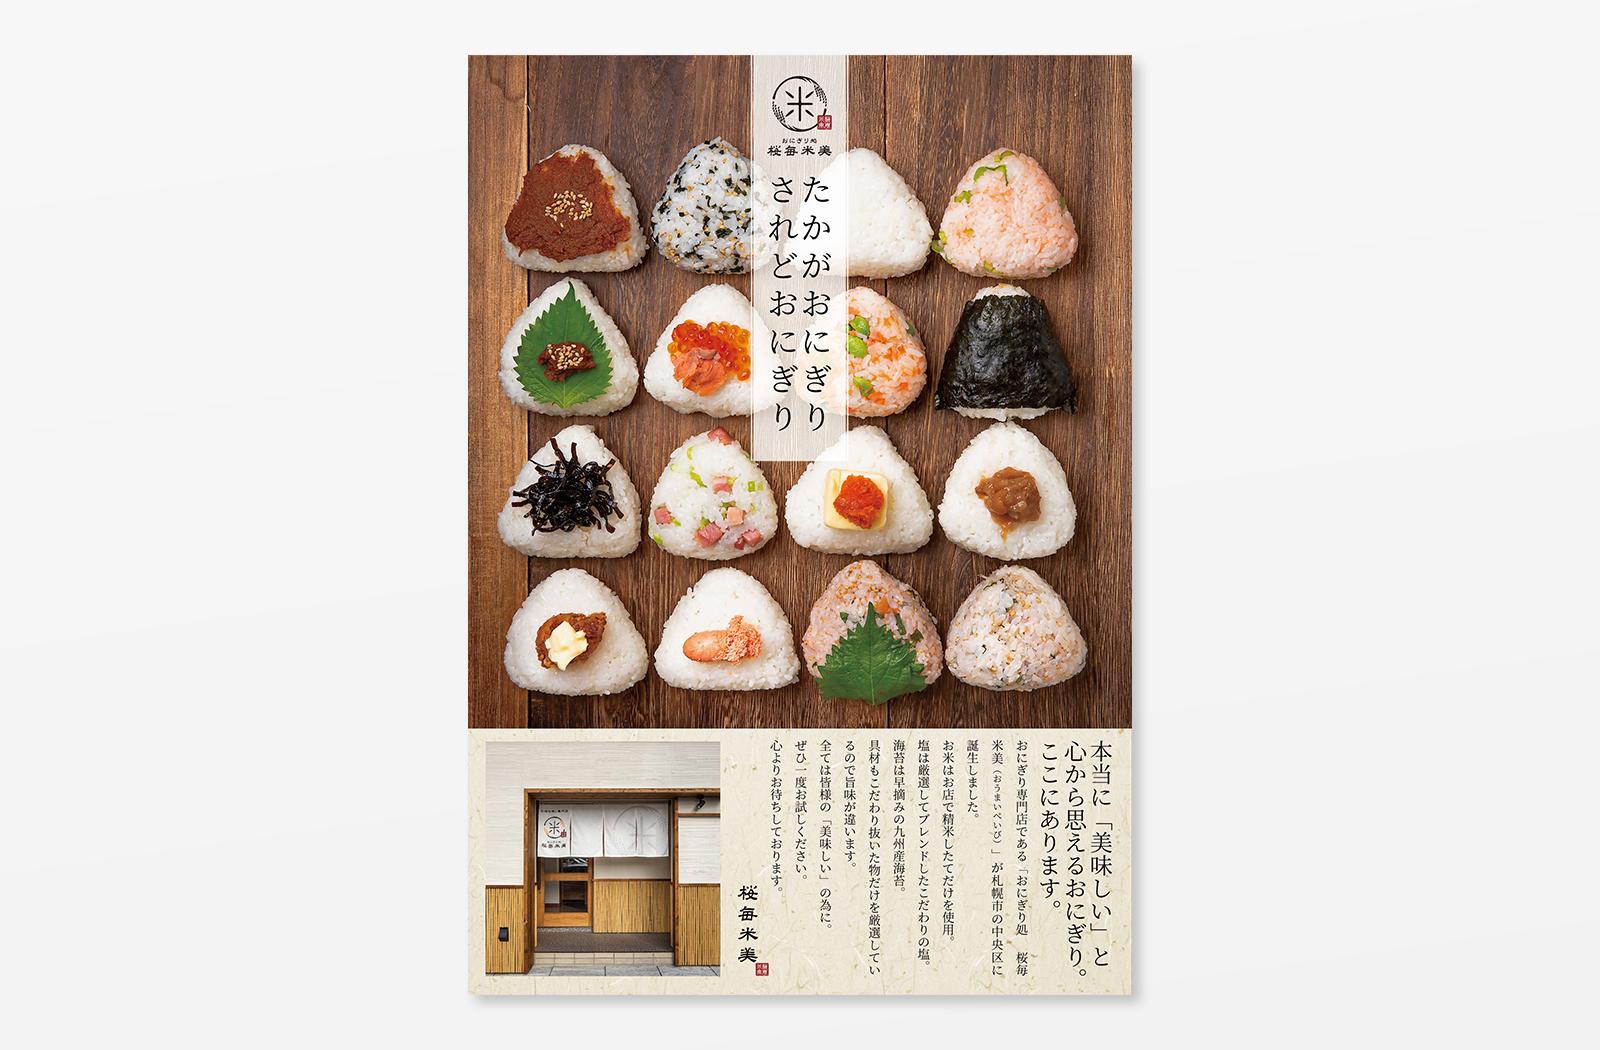 桜毎米美 様のパンフレットデザイン